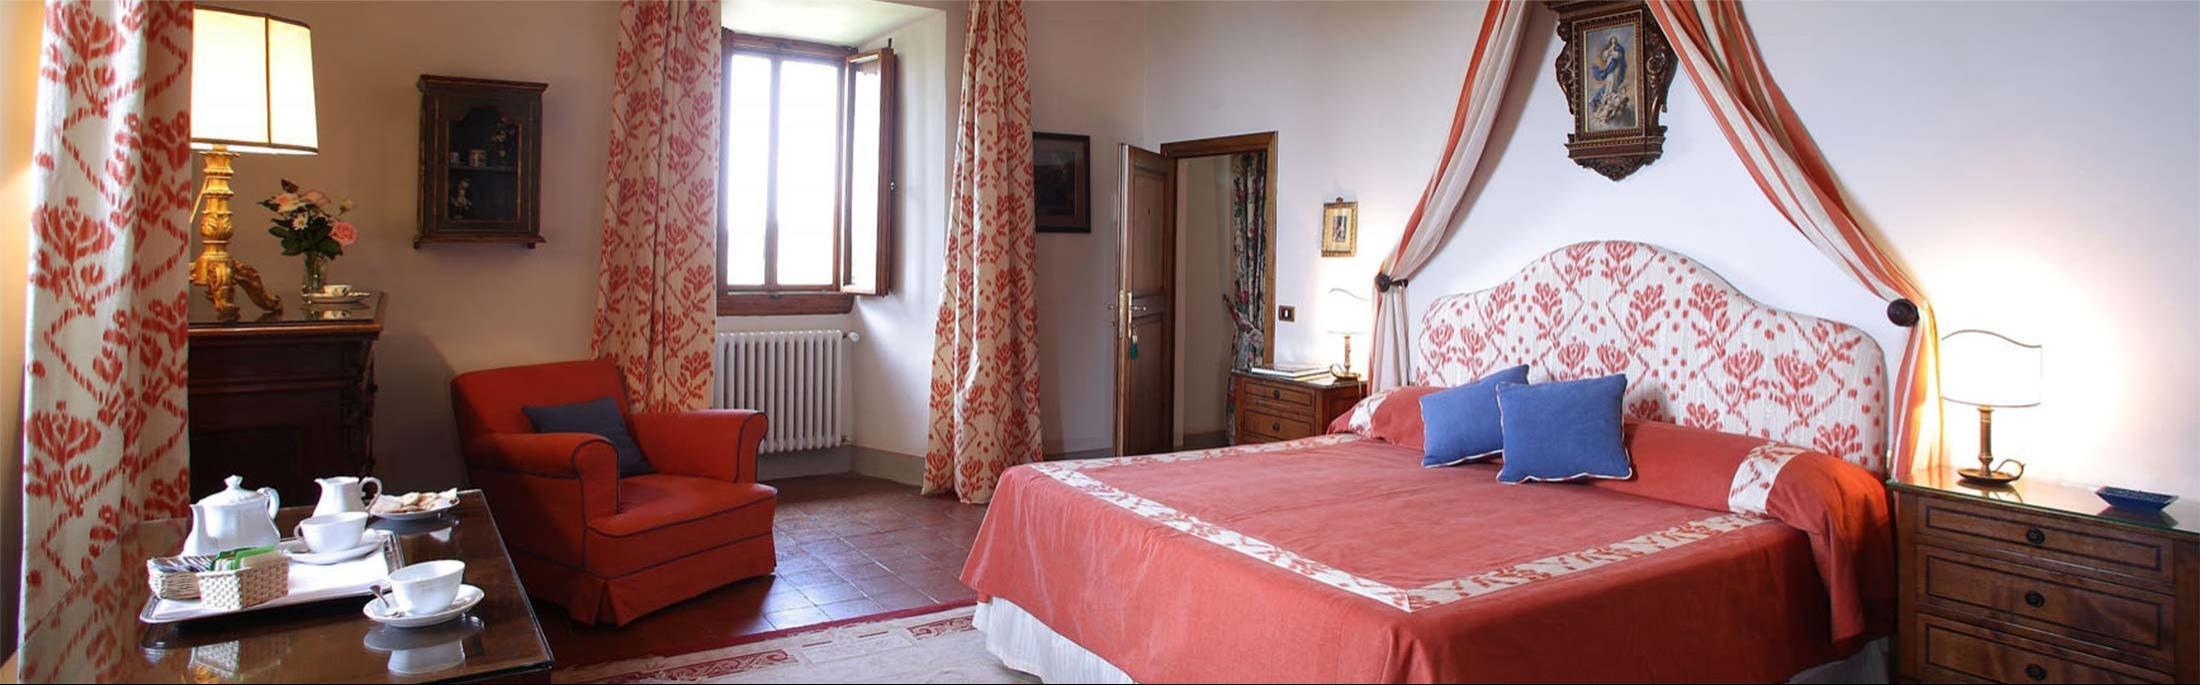 Villa Le Barone - Chambre